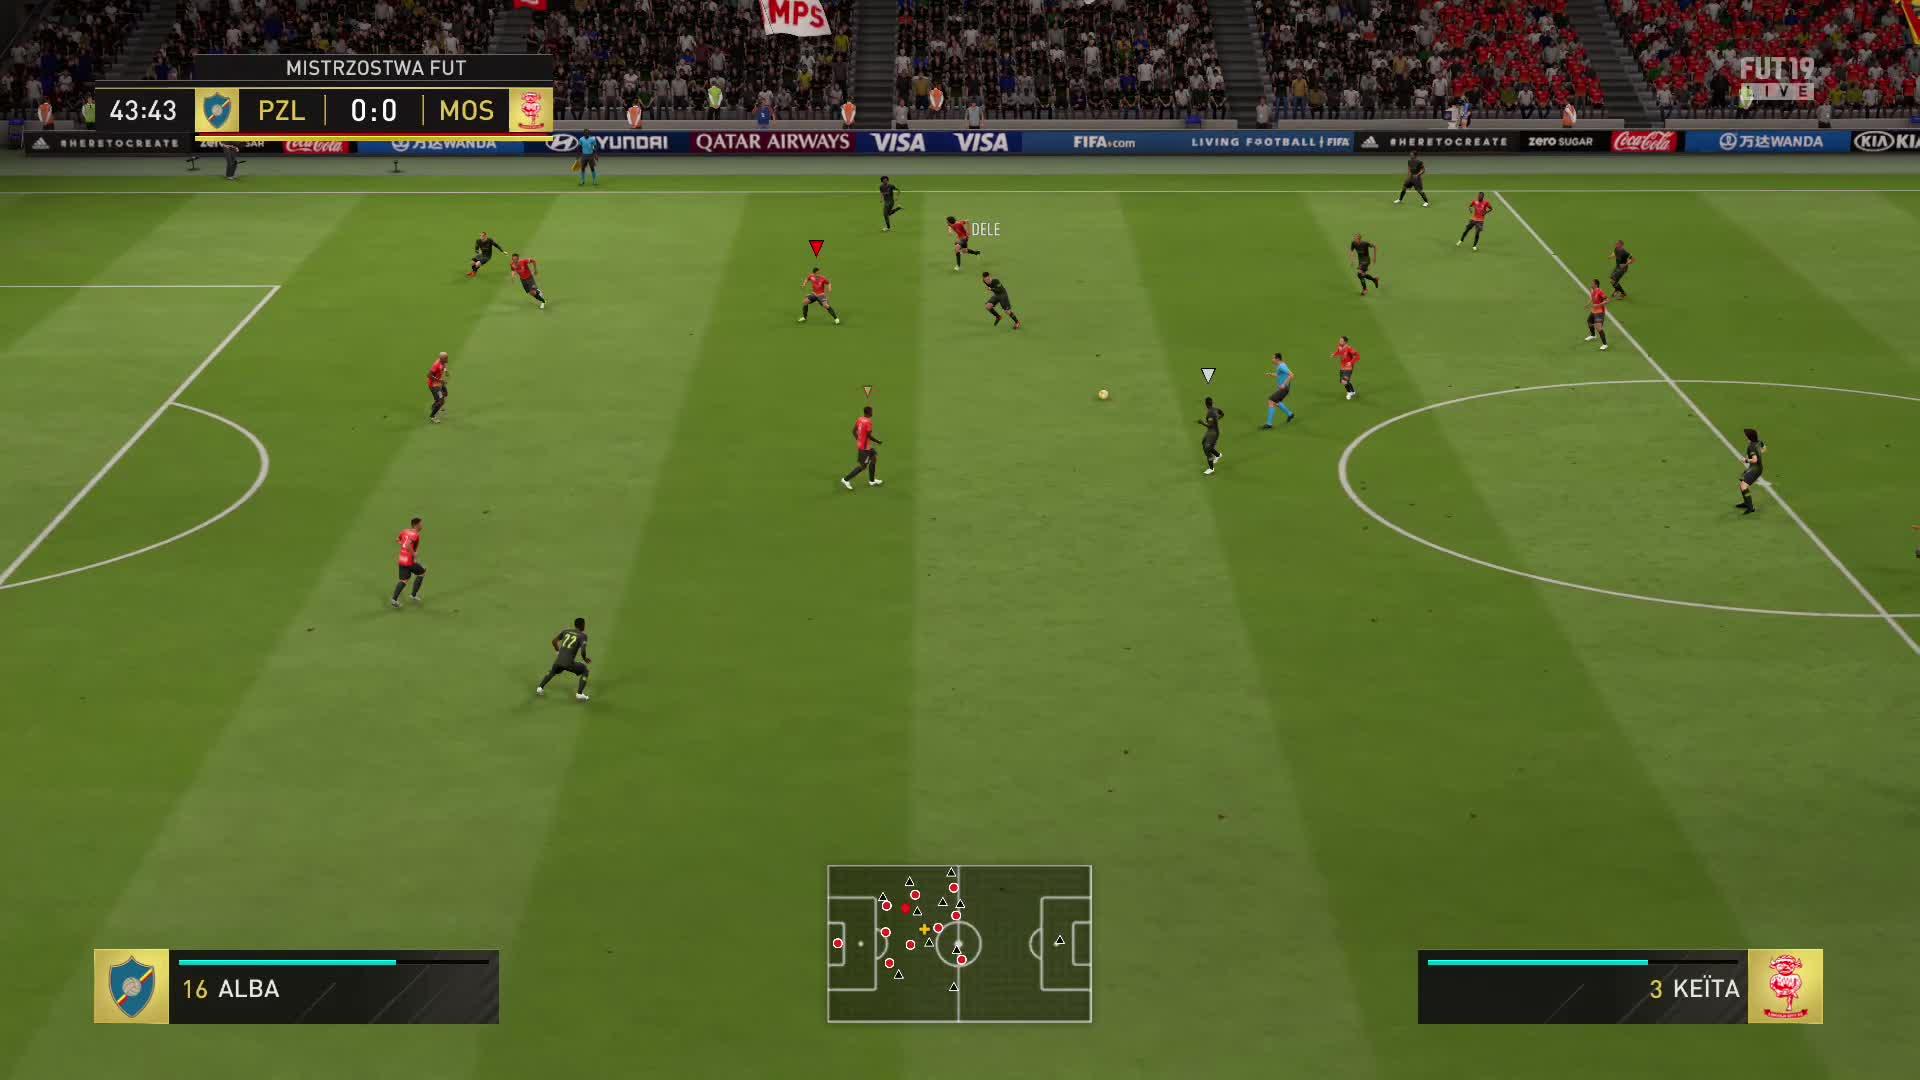 FIFA19, domin3333, xbox, xbox dvr, xbox one, fifa GIFs